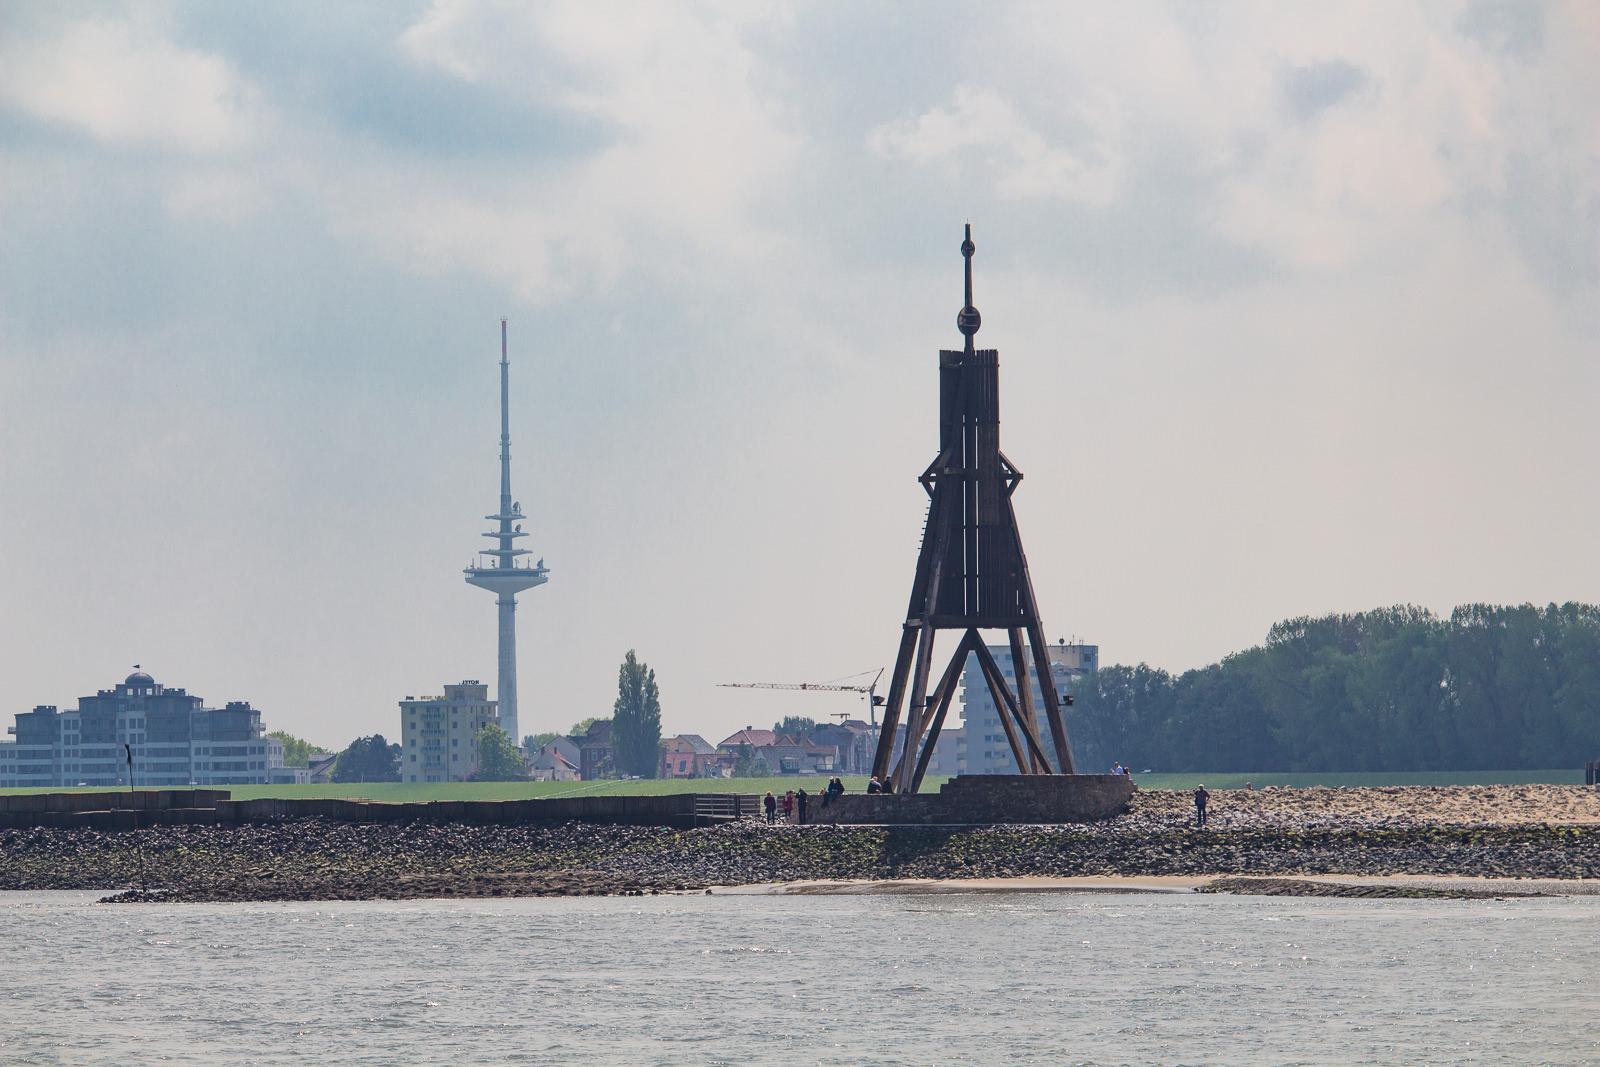 Kugelbake, Cuxhaven, Wochenendreise, Hafen, Hafenrundfahrt, Schiffe, Boote